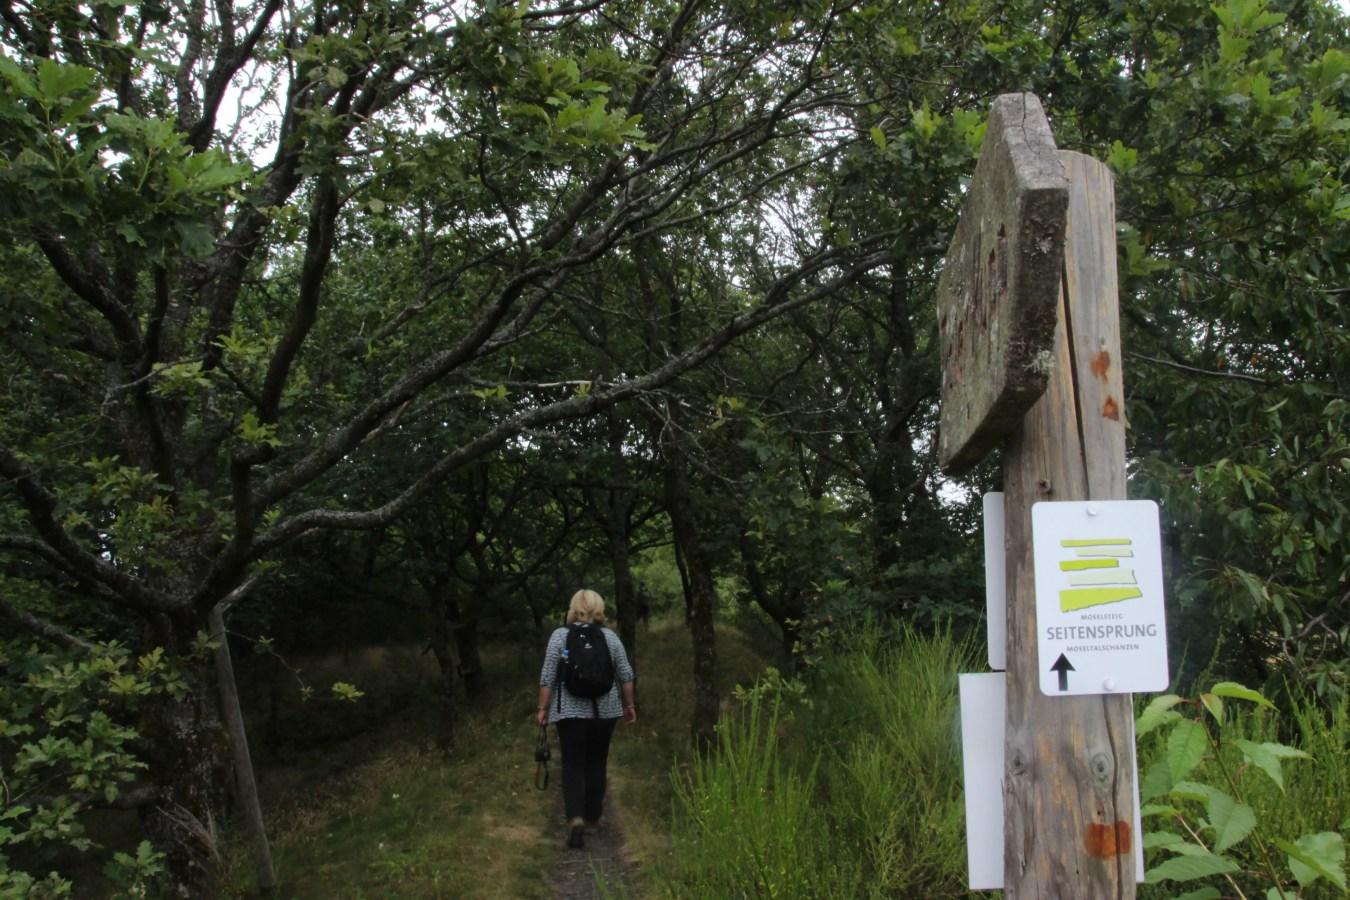 Wanderweg in Traben-Trarbach, Wandern in der Umgebung von Bernkastel-Kues